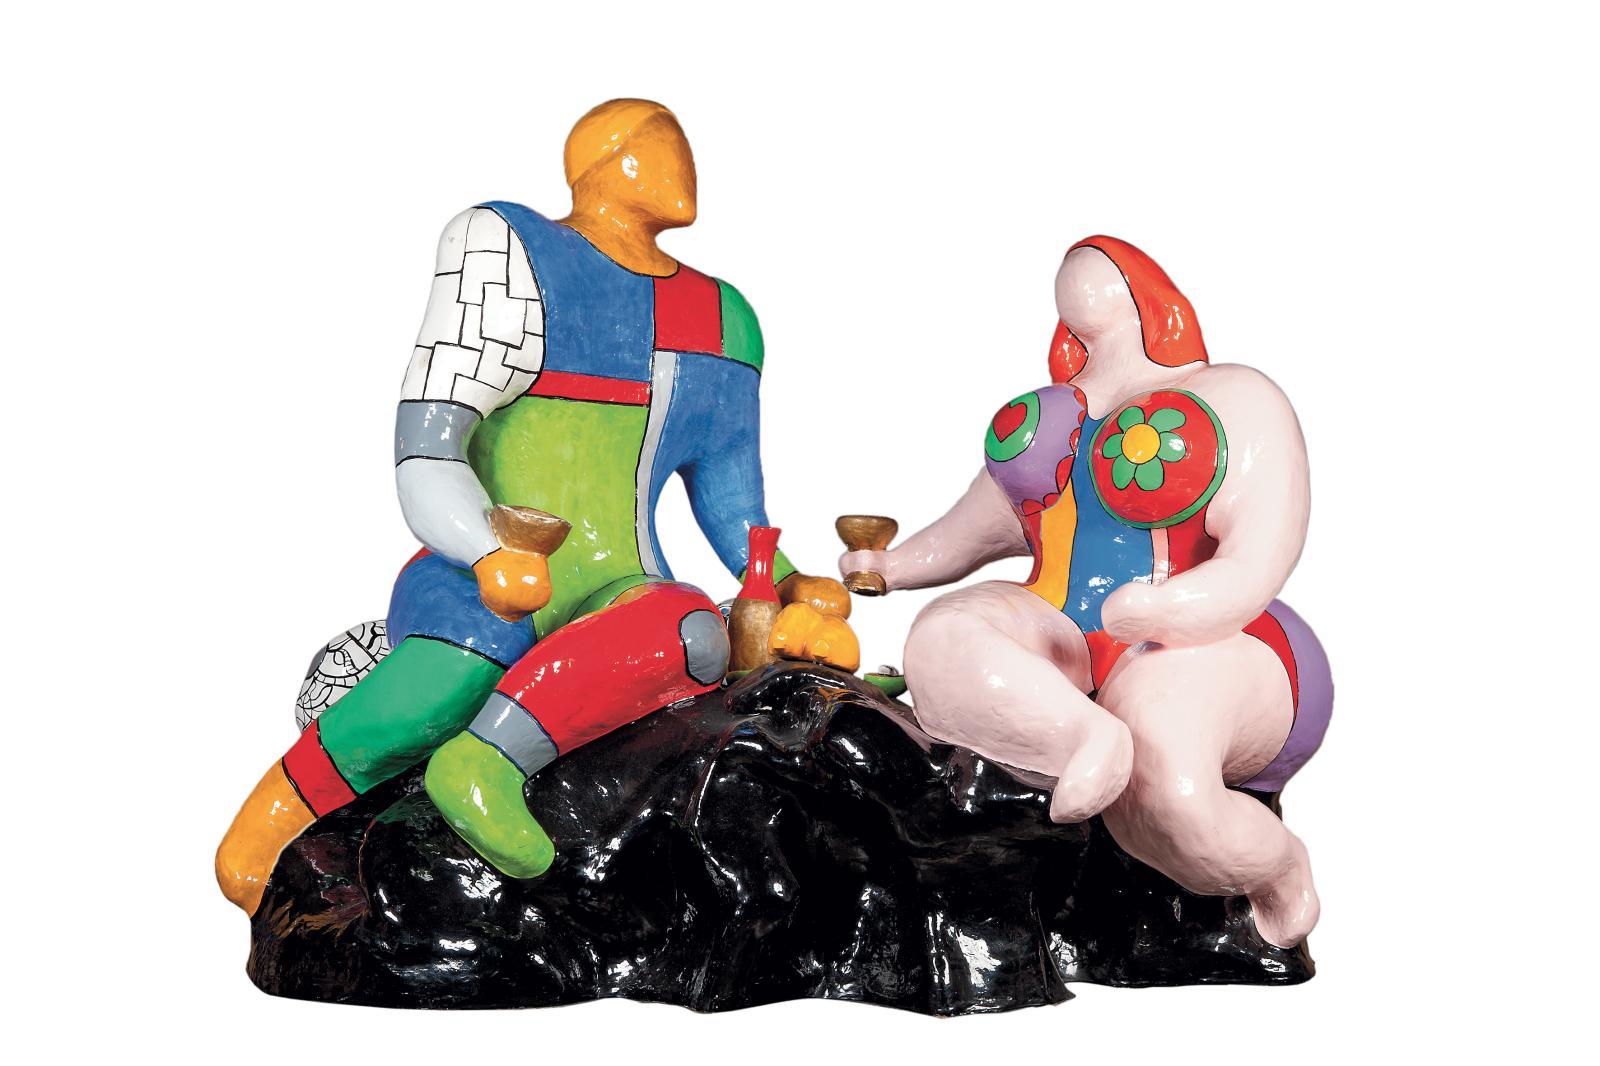 Niki de Saint Phalle (1930-1922), Adam et Ève, sculpture en résine polyester polychrome, cachet de la signature, marque de R. Haligon et numéroté 1/3.